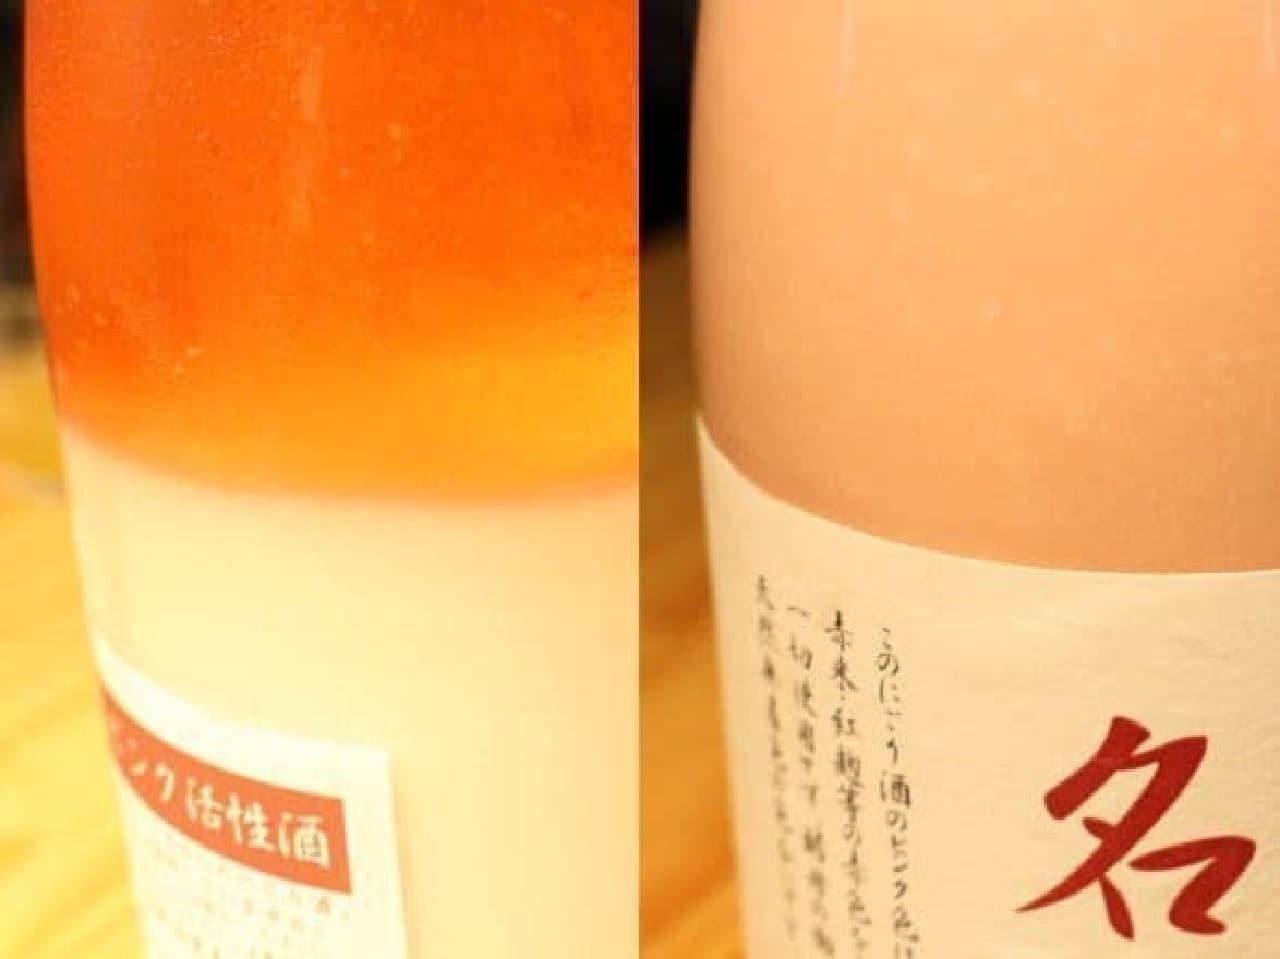 瓶をふるとピンク色になる「名馬の里」  甘そうな見た目に反してすっきり飲めます